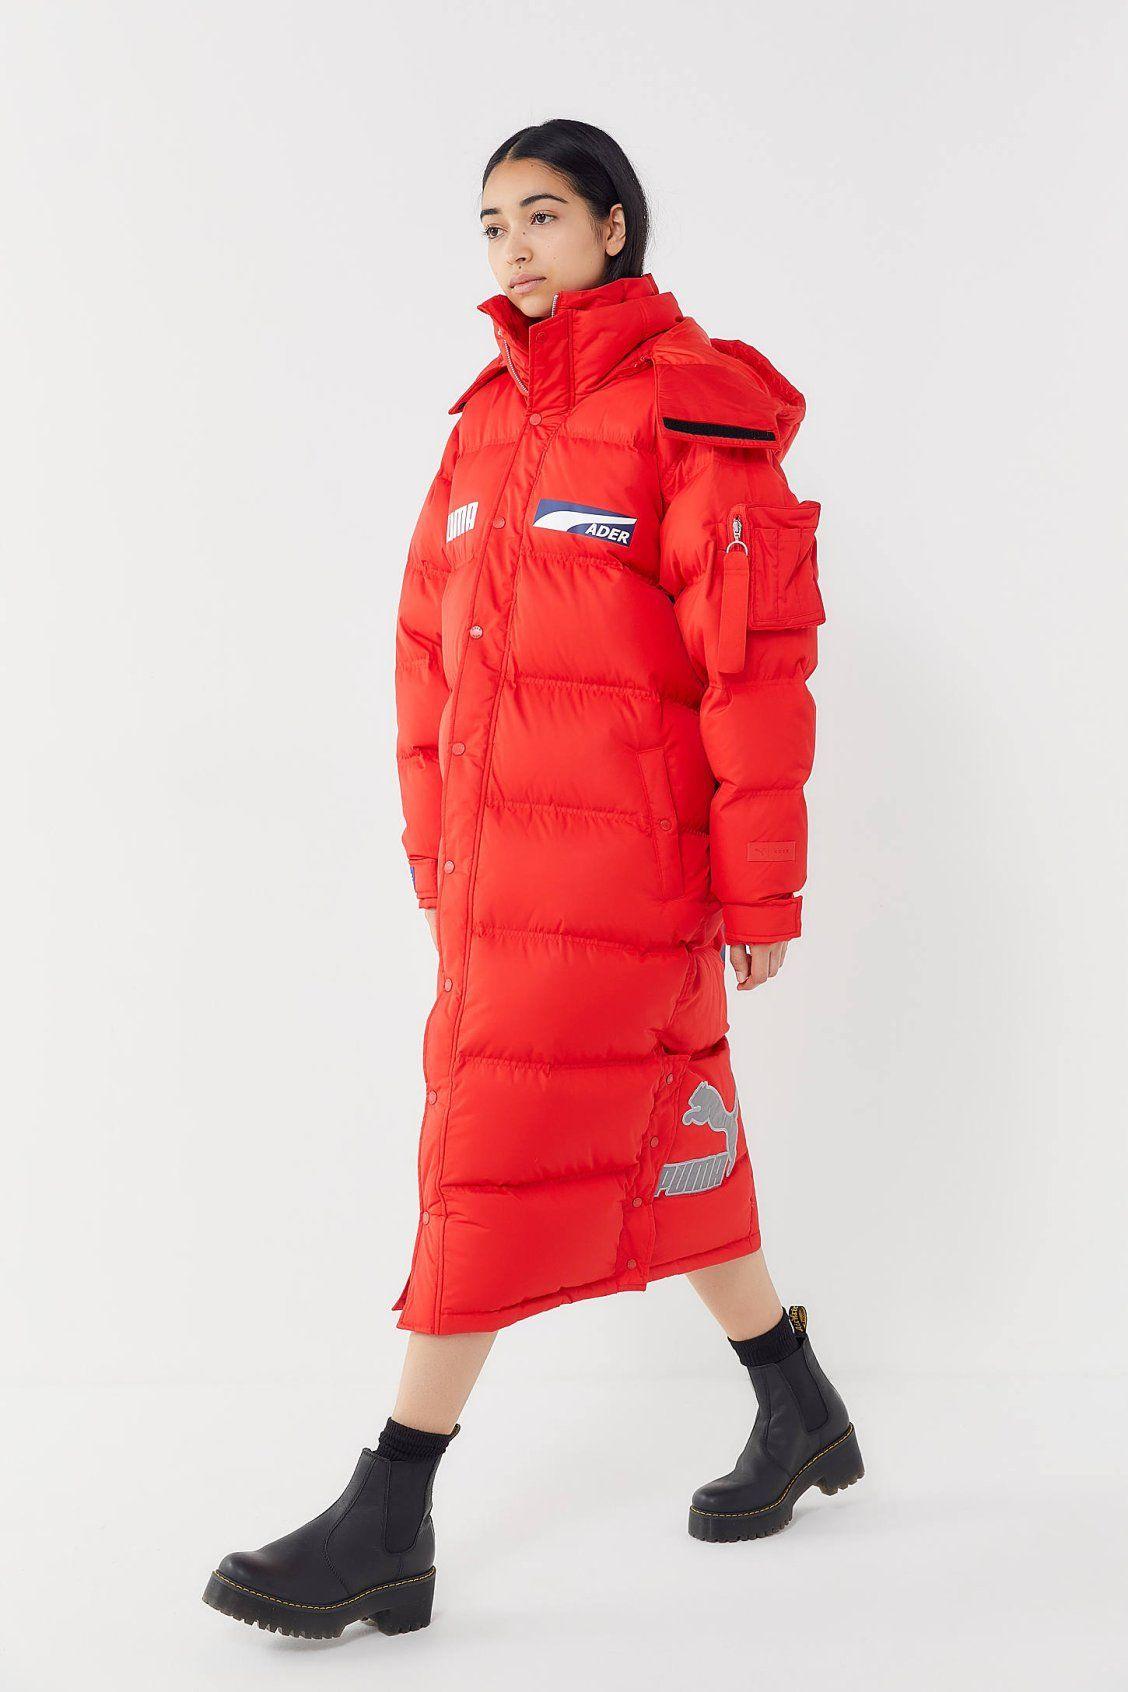 Puma X Ader Error Long Puffer Jacket Long Puffer Long Puffer Jacket Jackets [ 1692 x 1128 Pixel ]